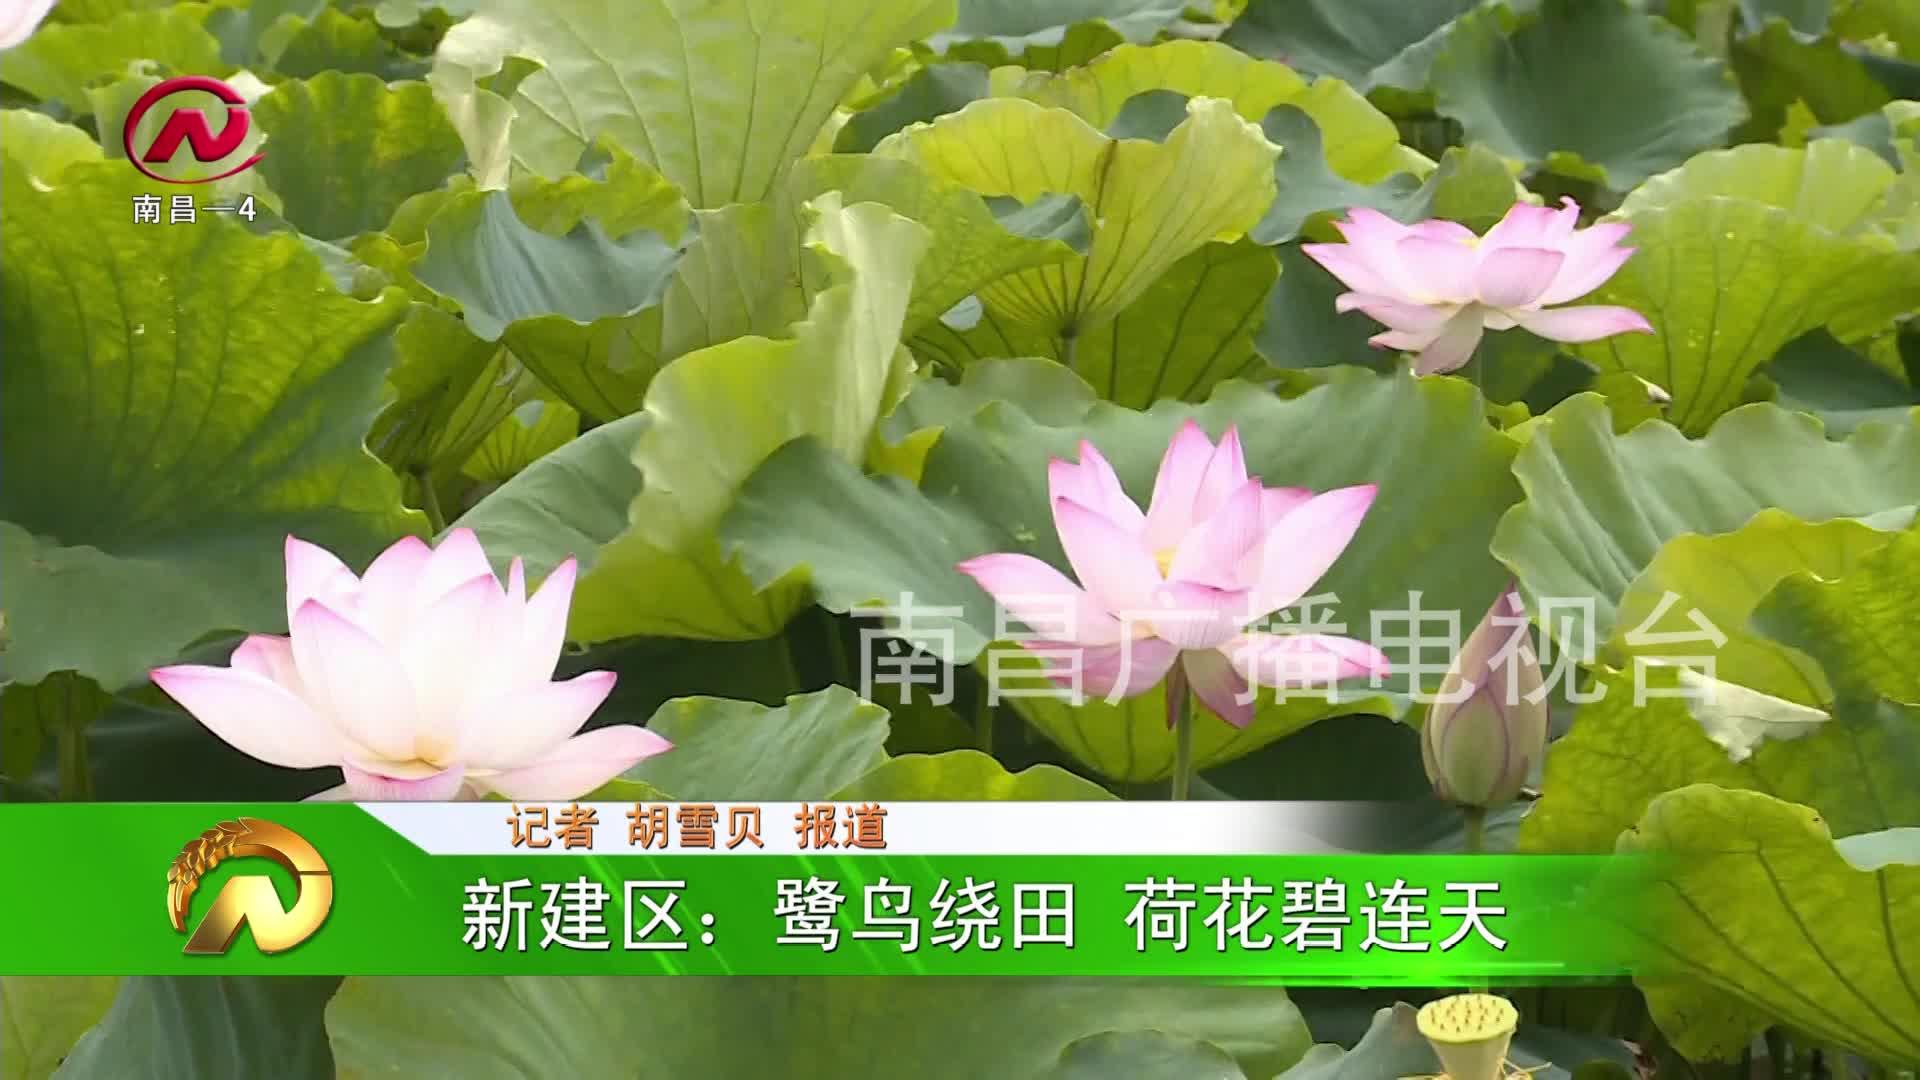 【豫章农视】新建区:鹭鸟绕田 荷花碧连天